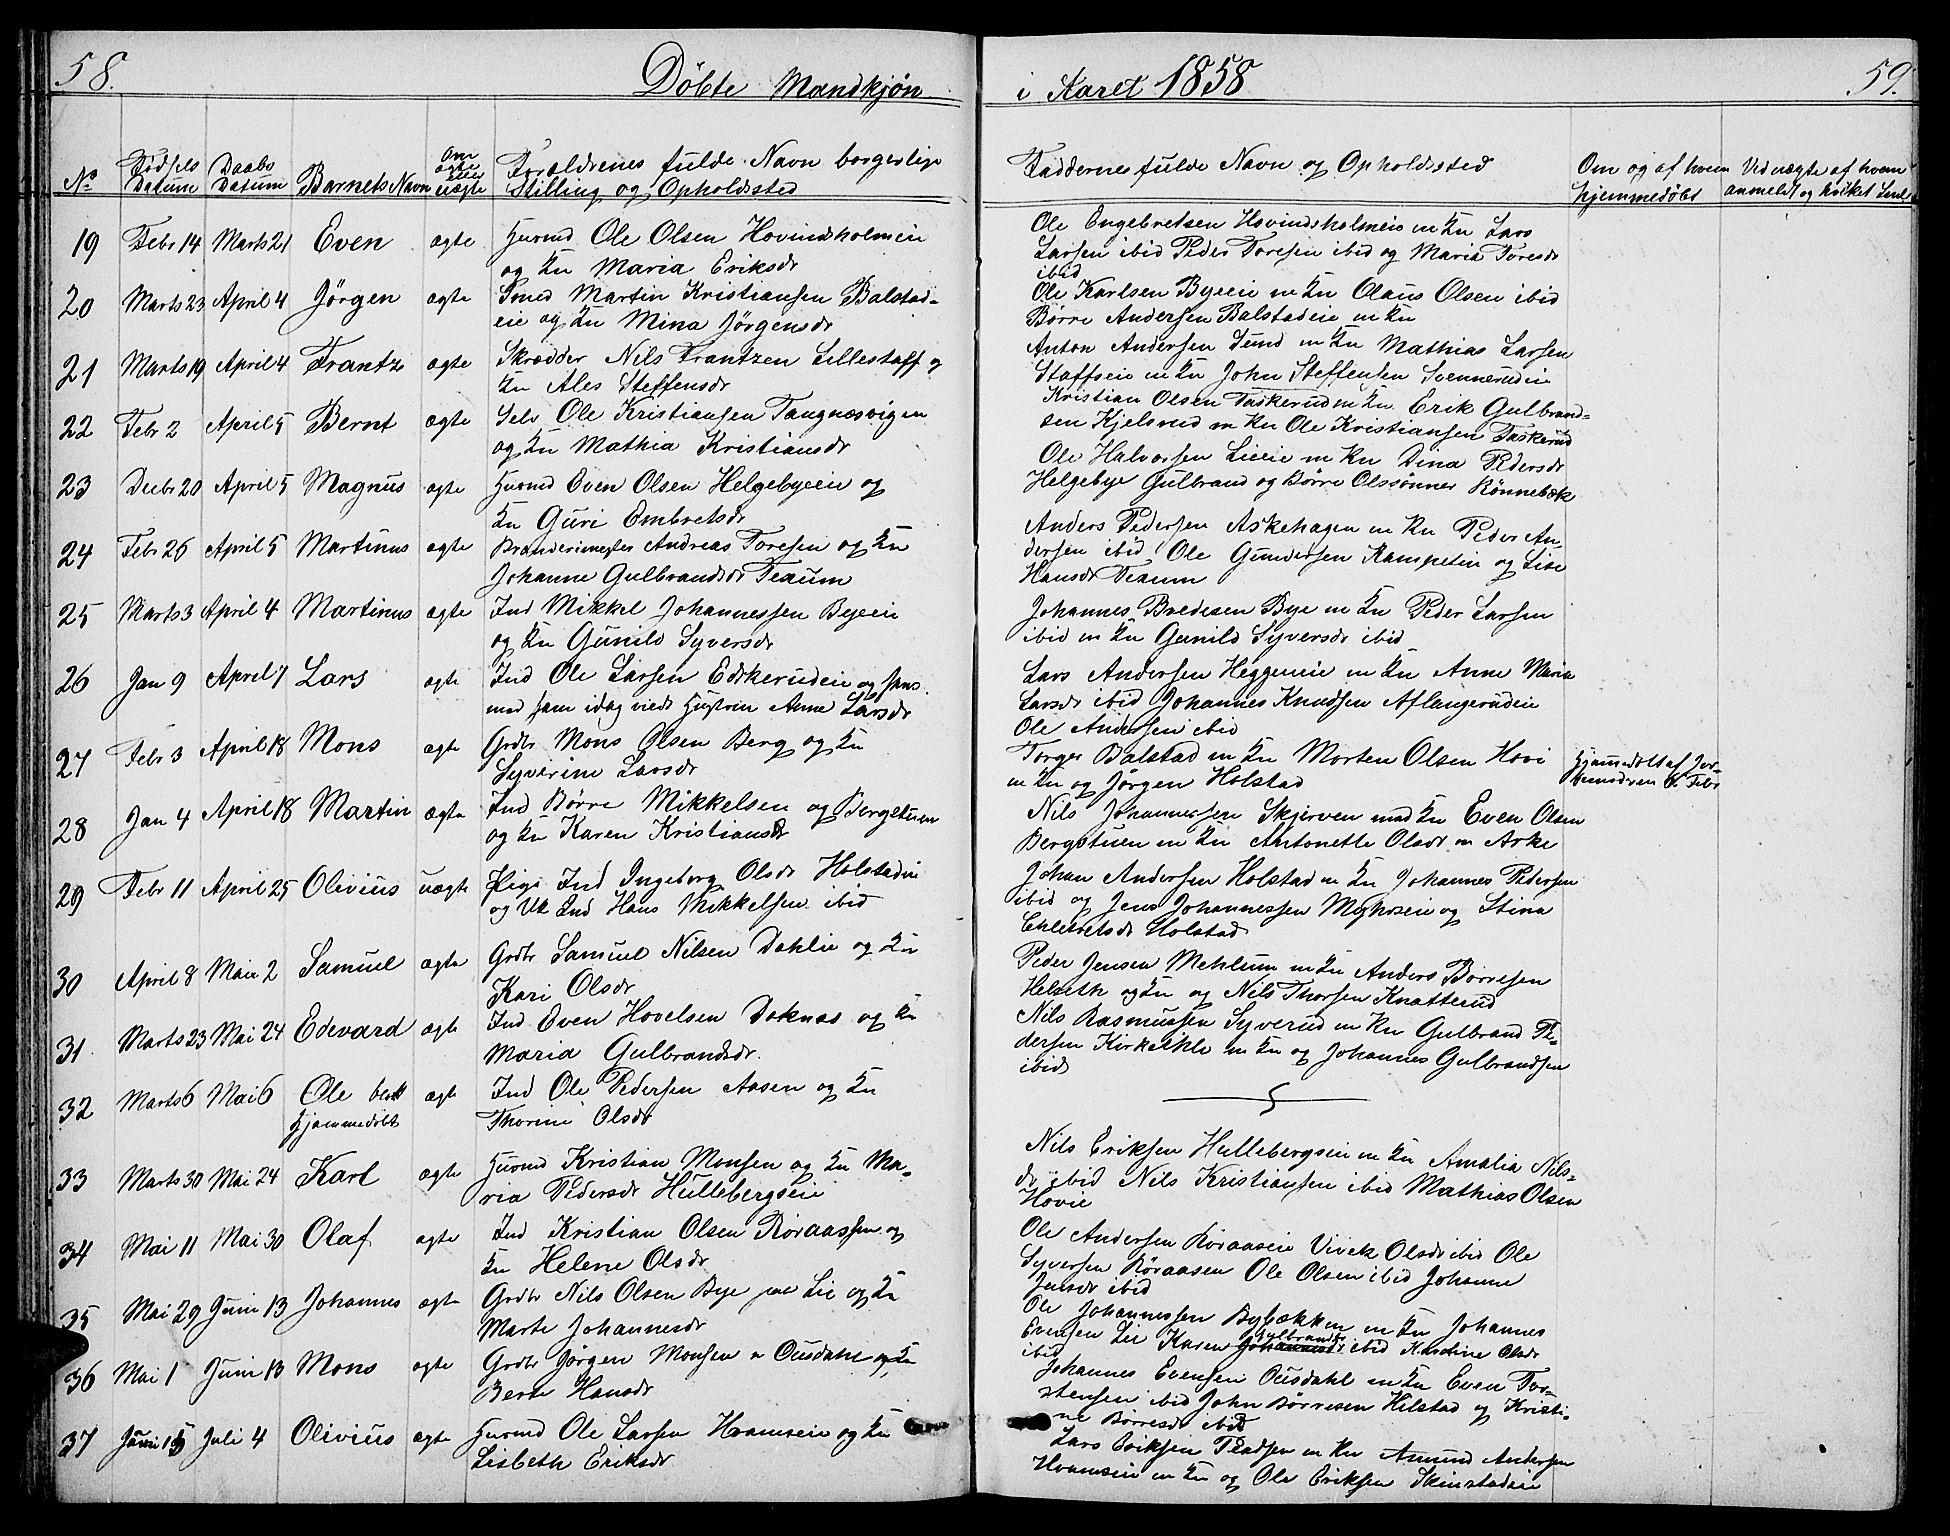 SAH, Nes prestekontor, L/La/L0005: Klokkerbok nr. 5, 1852-1889, s. 58-59